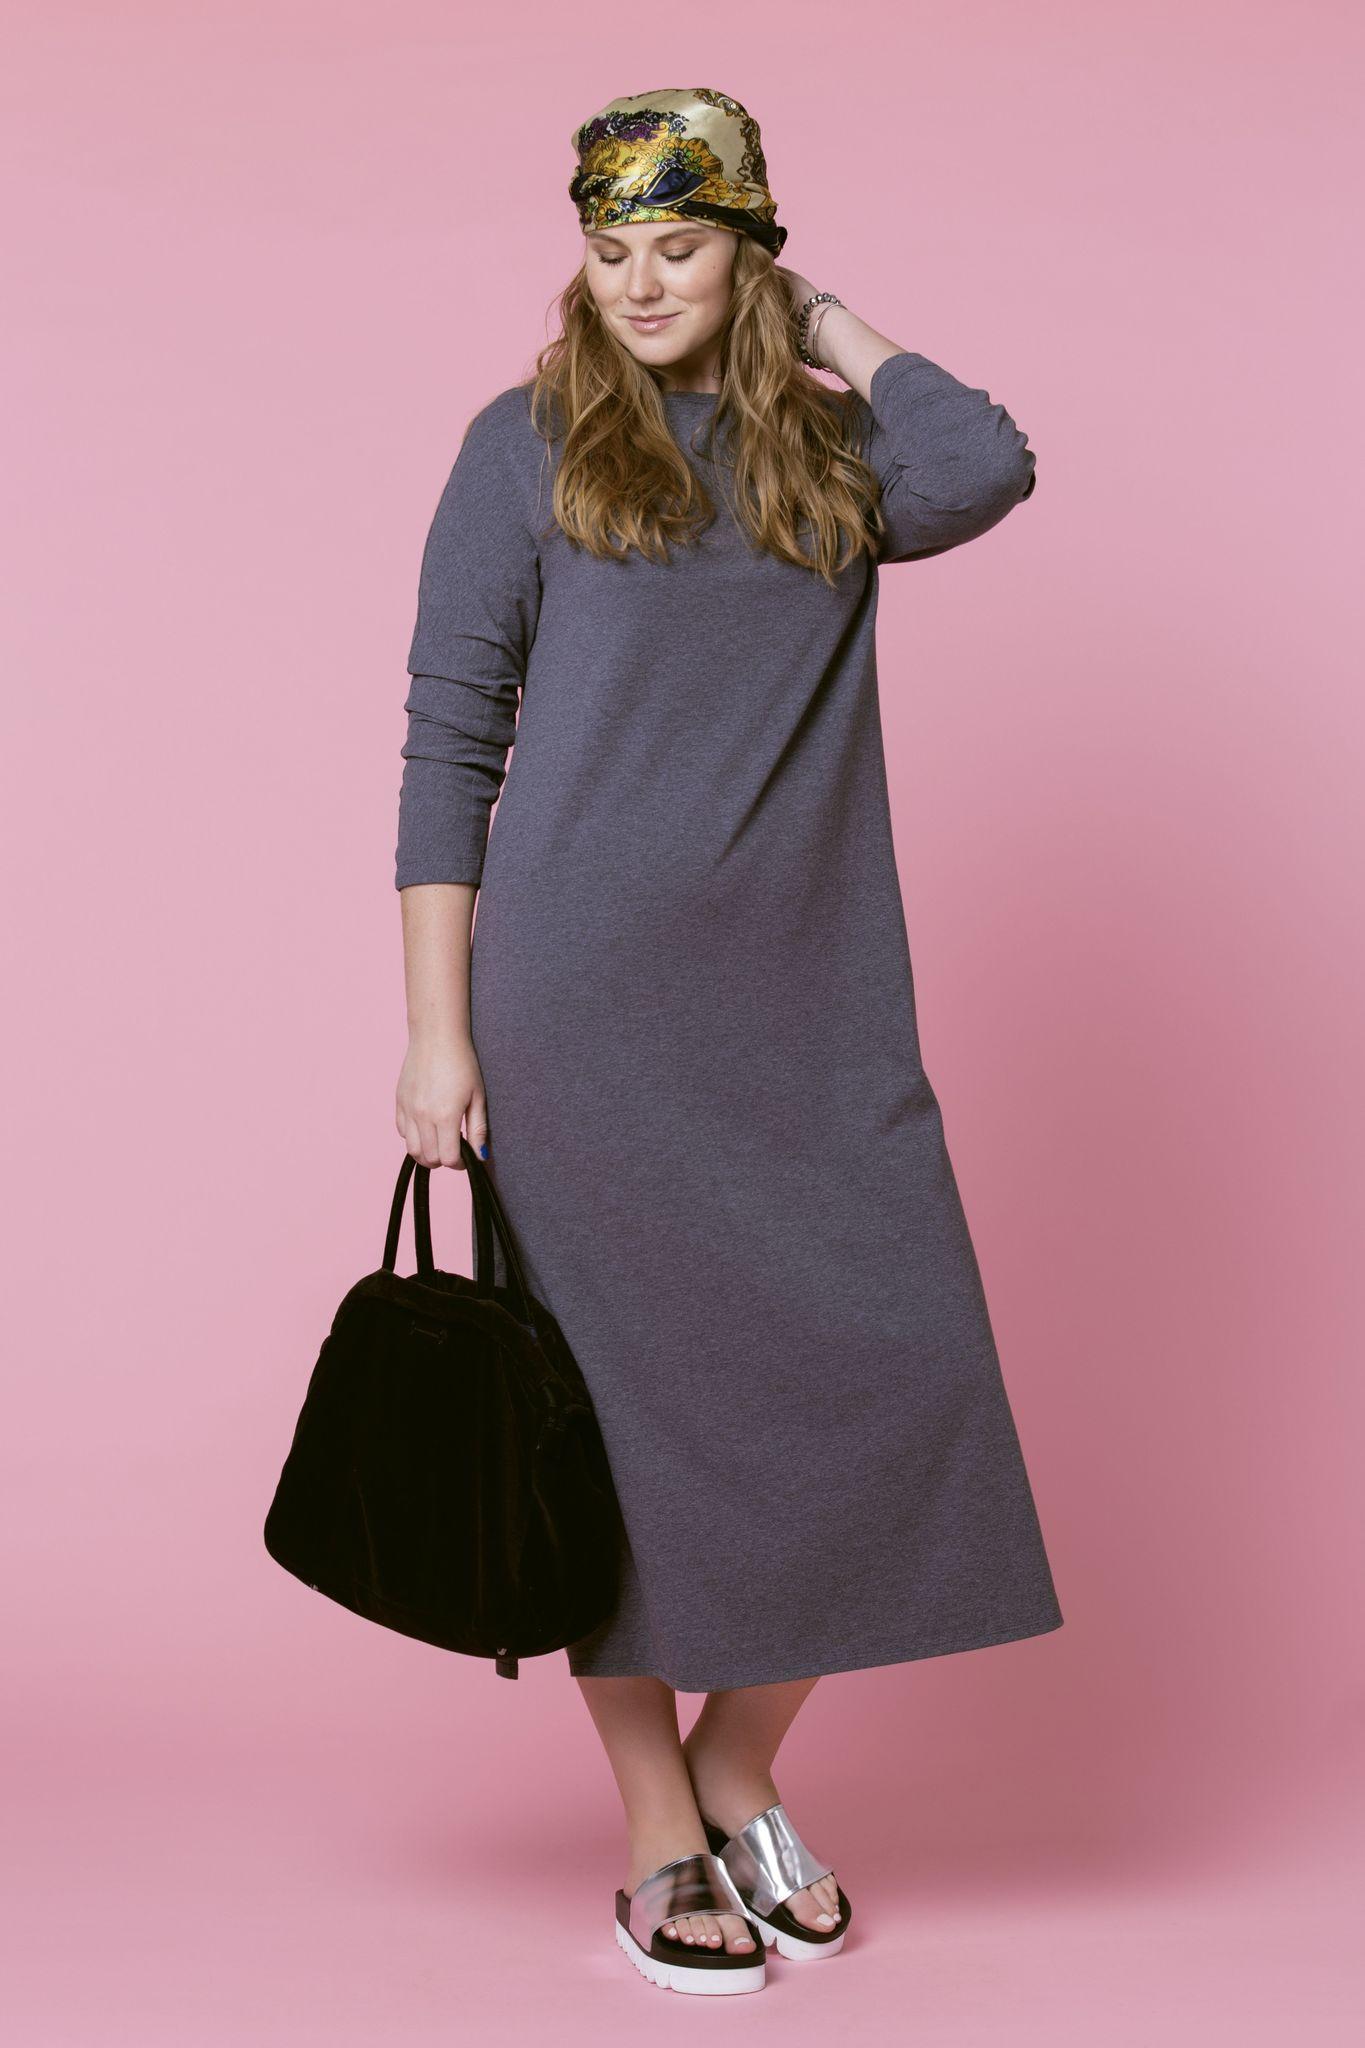 Платье LE-05 D07 06Платья<br>Платья-майка создает спортивный образ, но в то же время добавляет в него женственность. Наше трикотажное платье-майка еще и дает удивительный комфорт, а также универсальность использования. Платье-майка -  максимально комфортная вещь, с минимальными условностями . С таким платьем можно смело экспериментировать, пробуя различные цветовые решения, с ним можно создать  полноценный гардероб в любое время года. Оптимально будет такое платье надеть с  кедами и кардиганом в вечернее время, на отдыхе и в городе.  Рост модели на фото 179 см, размер - 54 российский.<br>